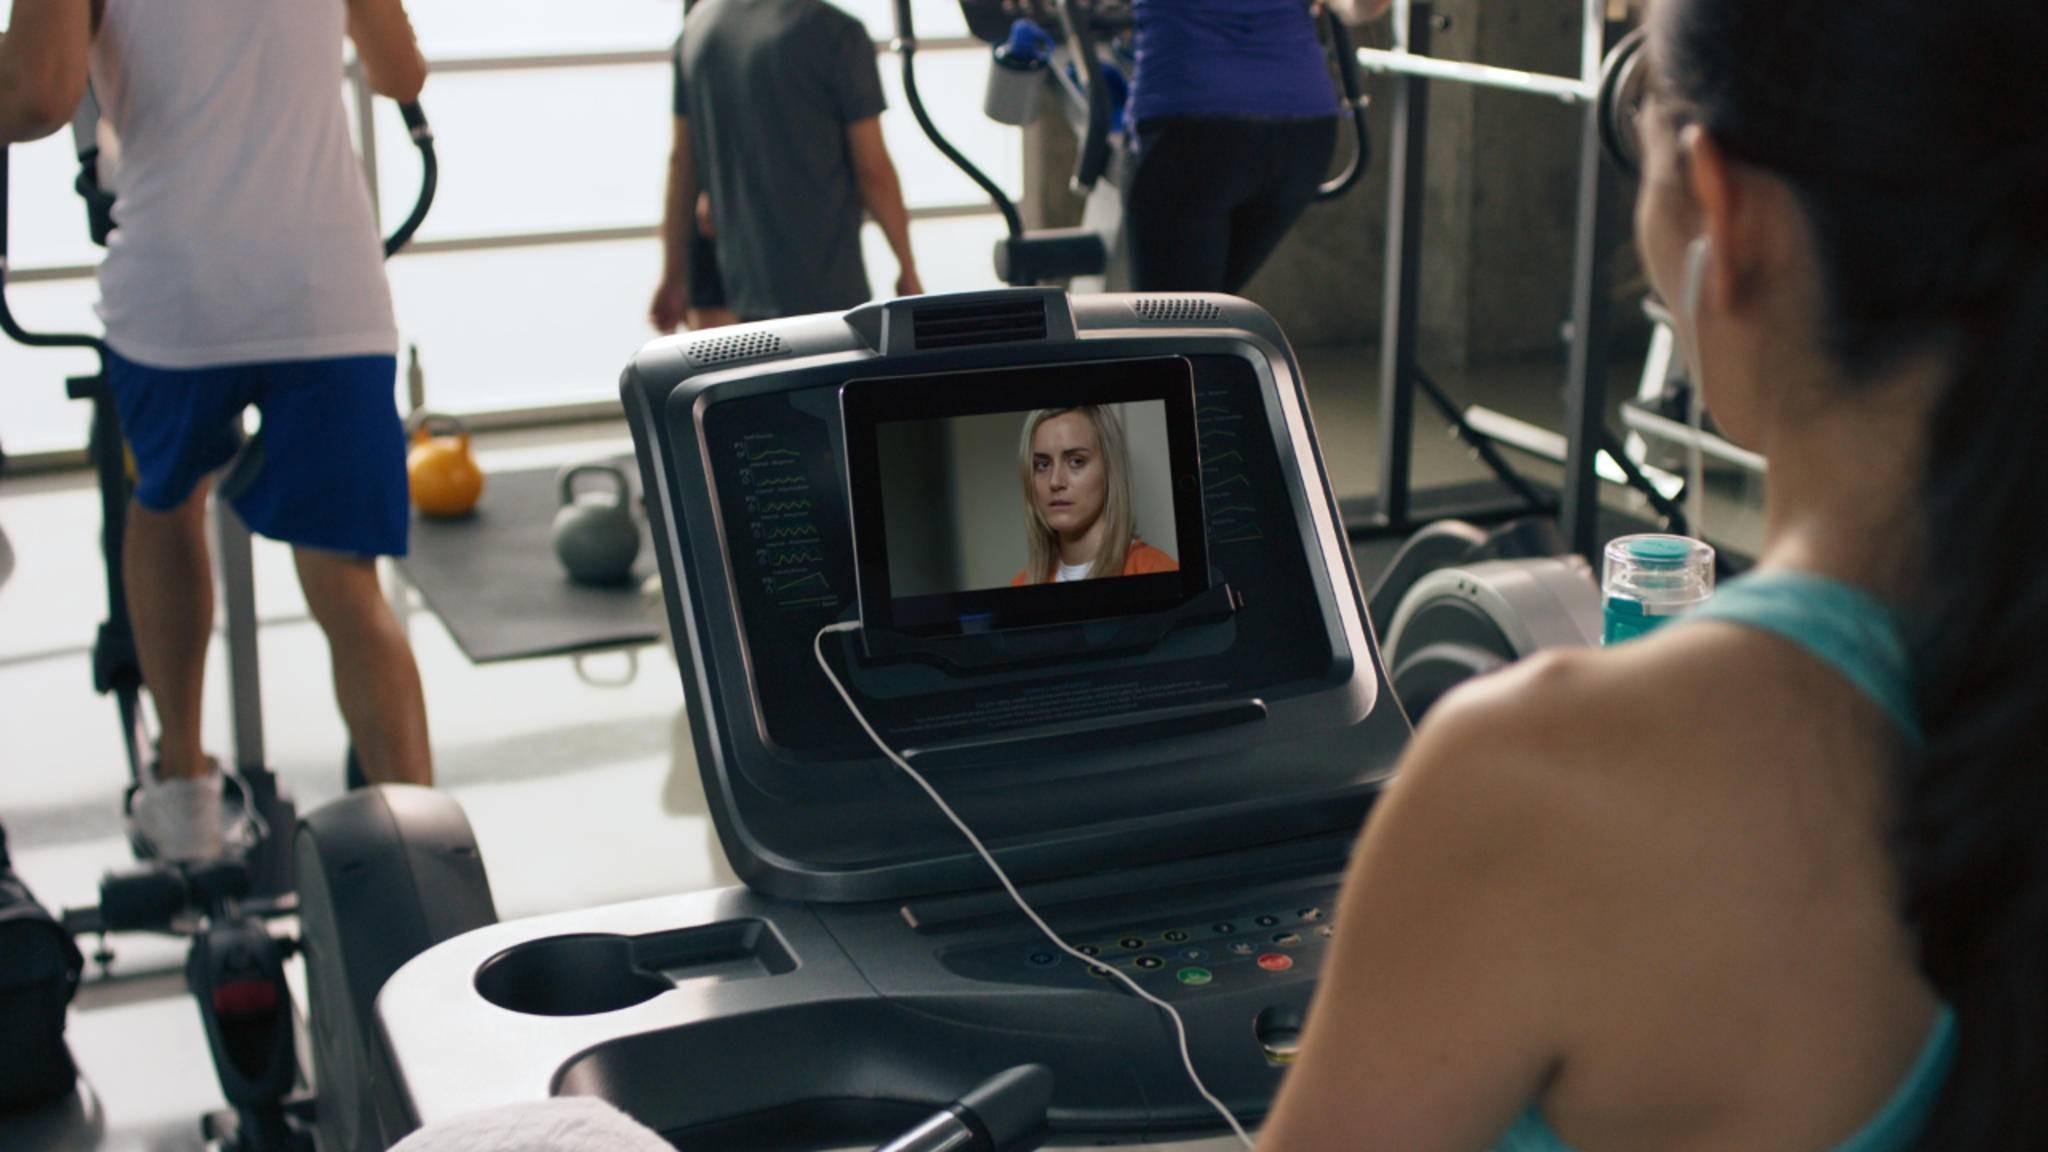 Gerade für Orte wie das Fitnessstudio ist der Download von Netflix-Serien sehr praktisch.